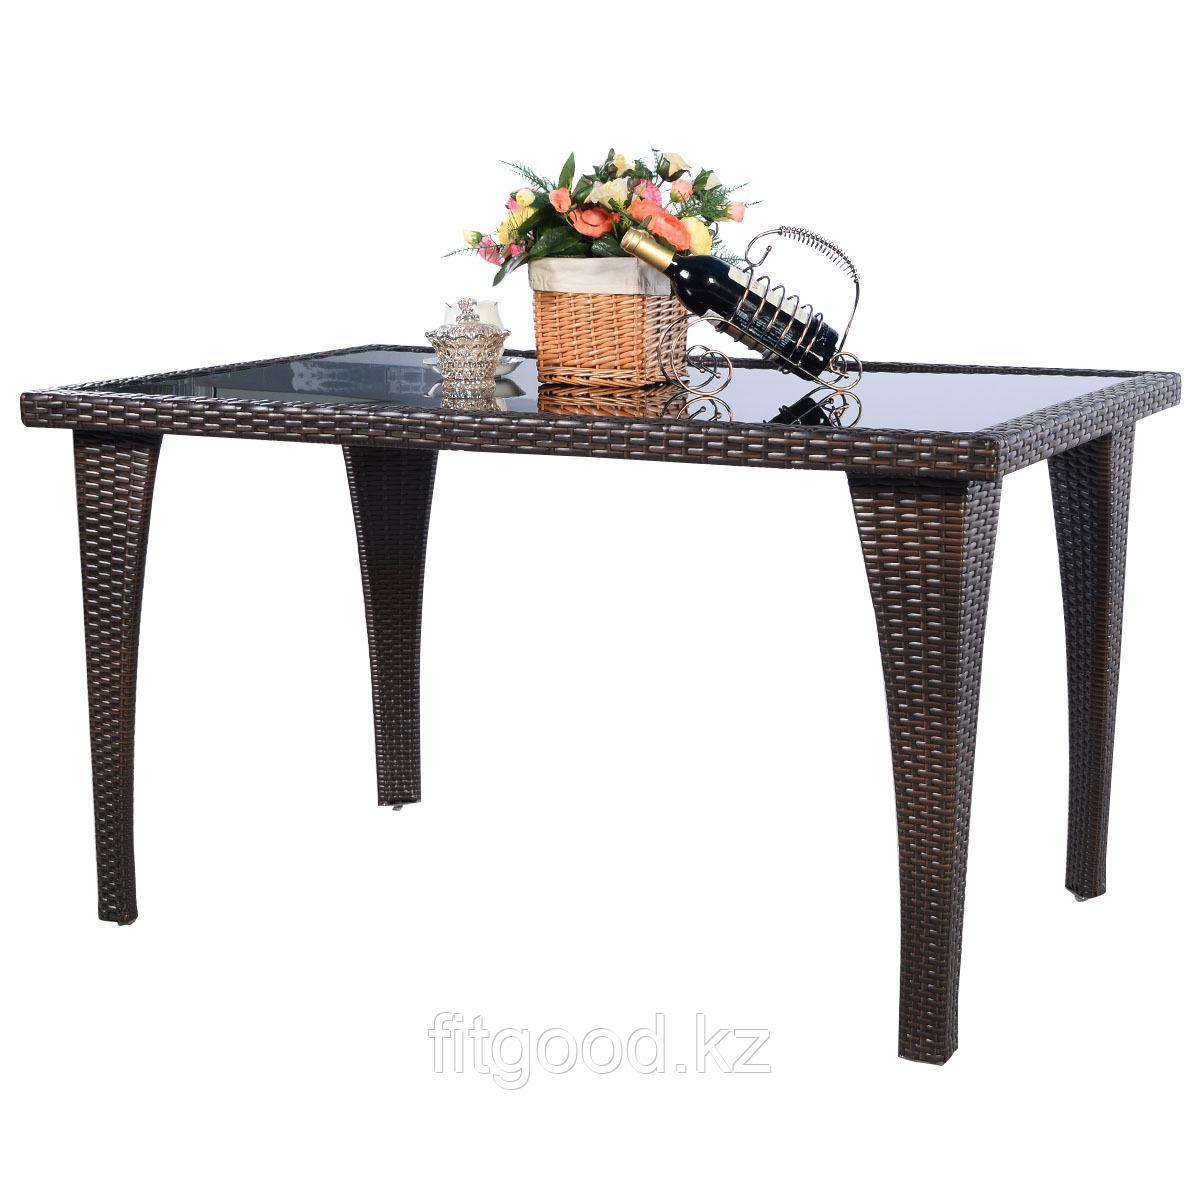 Стол прямоугольный из ротанга 1300*800*720